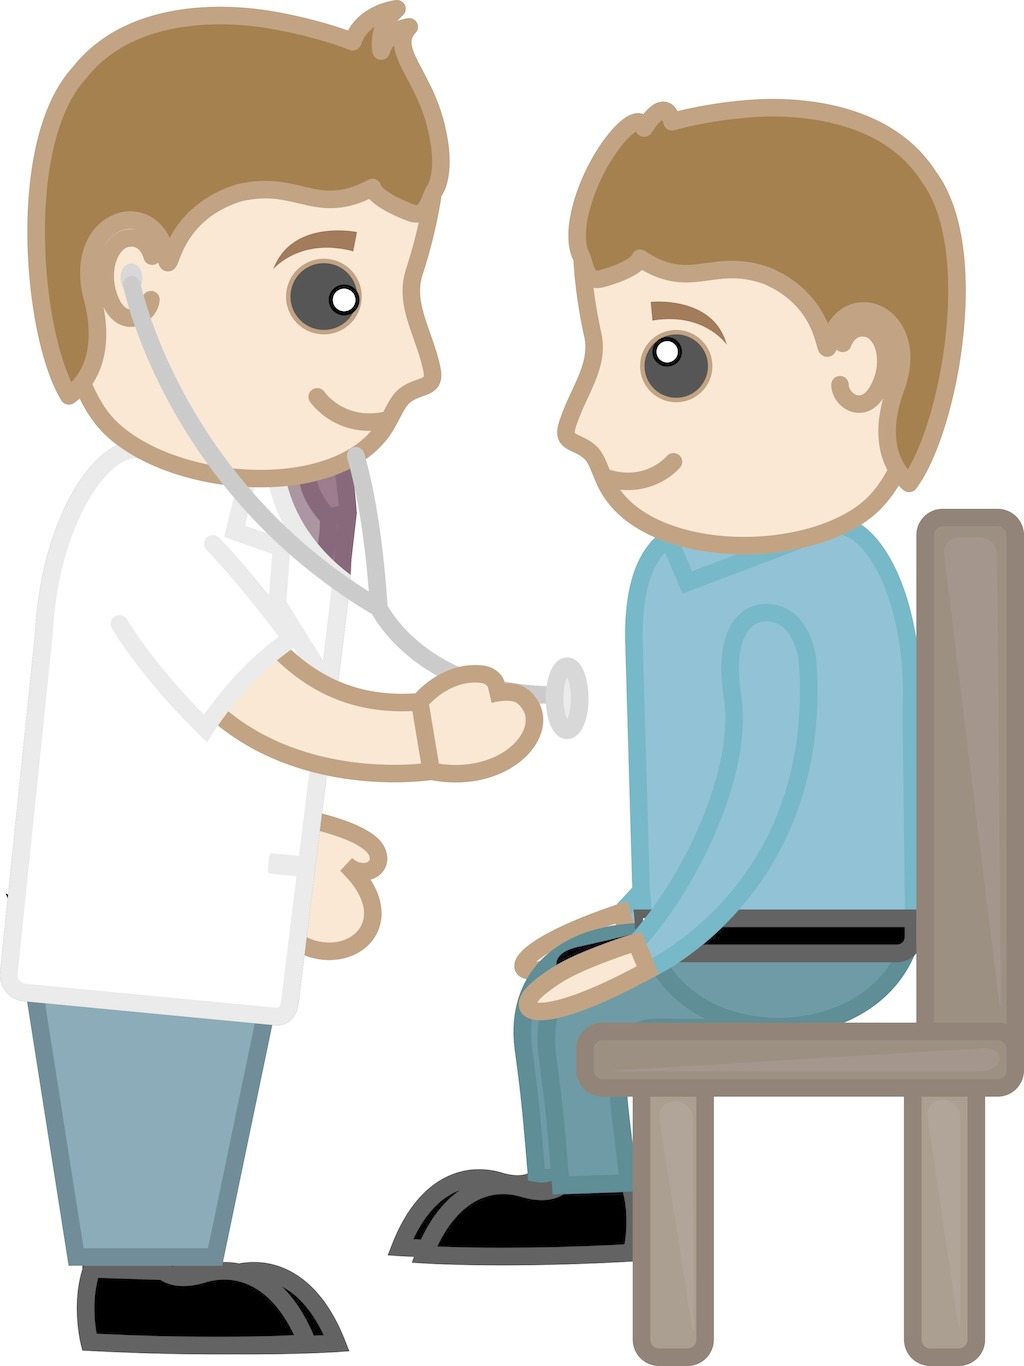 糖尿病早期症状自测